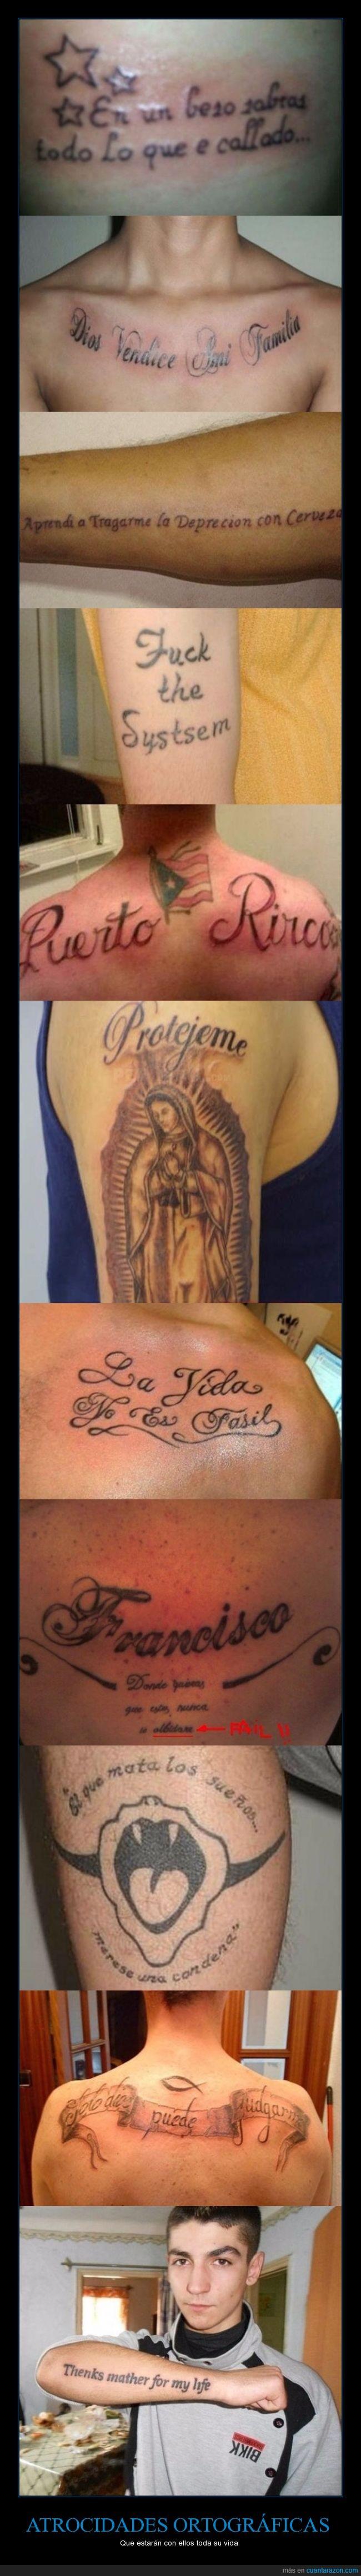 Dios,error,fail,ortografía,ortográfico,tattoo,tatuaje